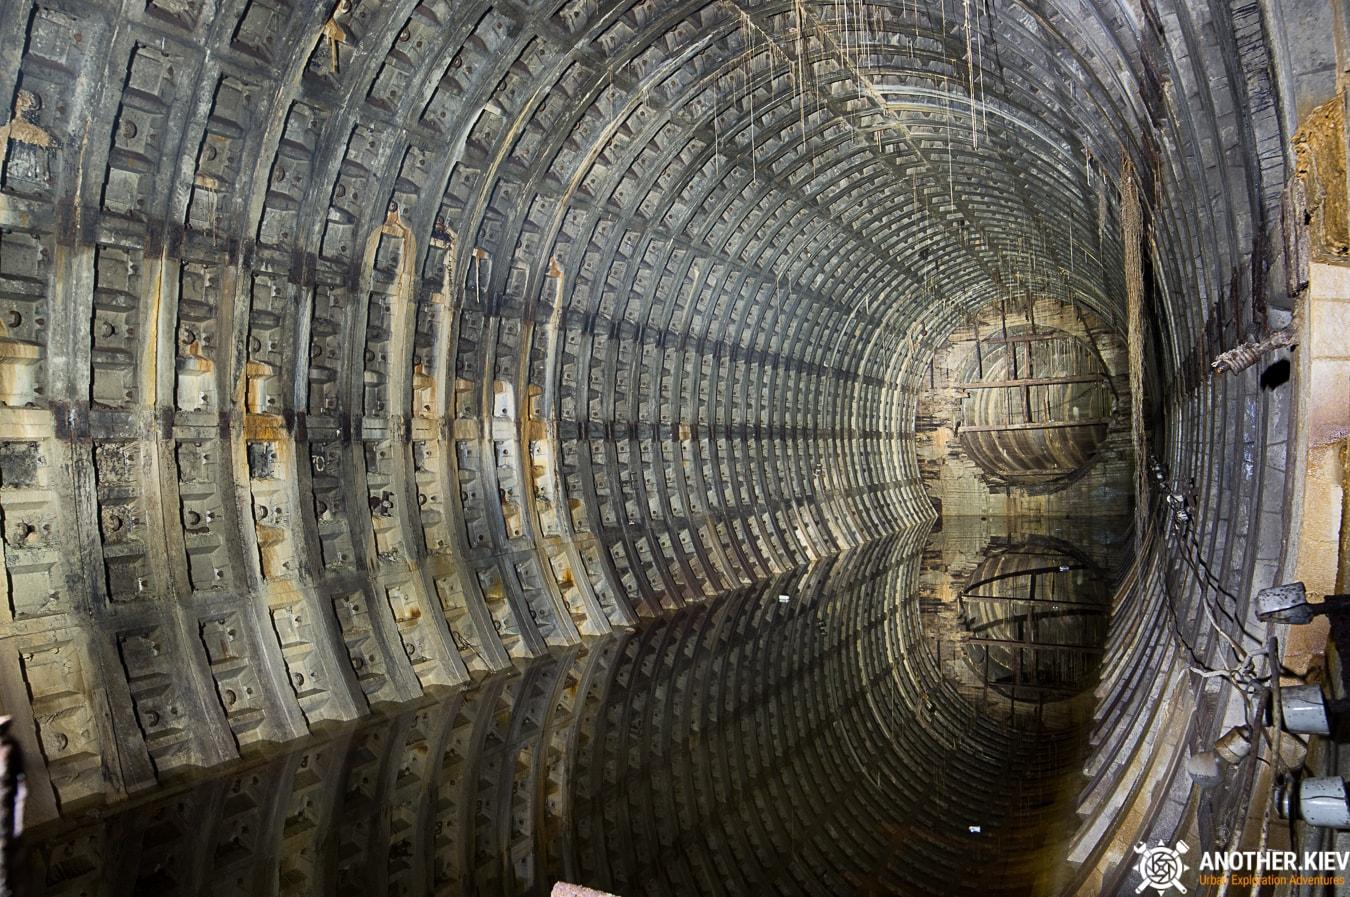 unfinished-abandoned-diesel-power-station-bunker-6867-min Недостроенная и заброшенная дизельная электростанция в киевском метро